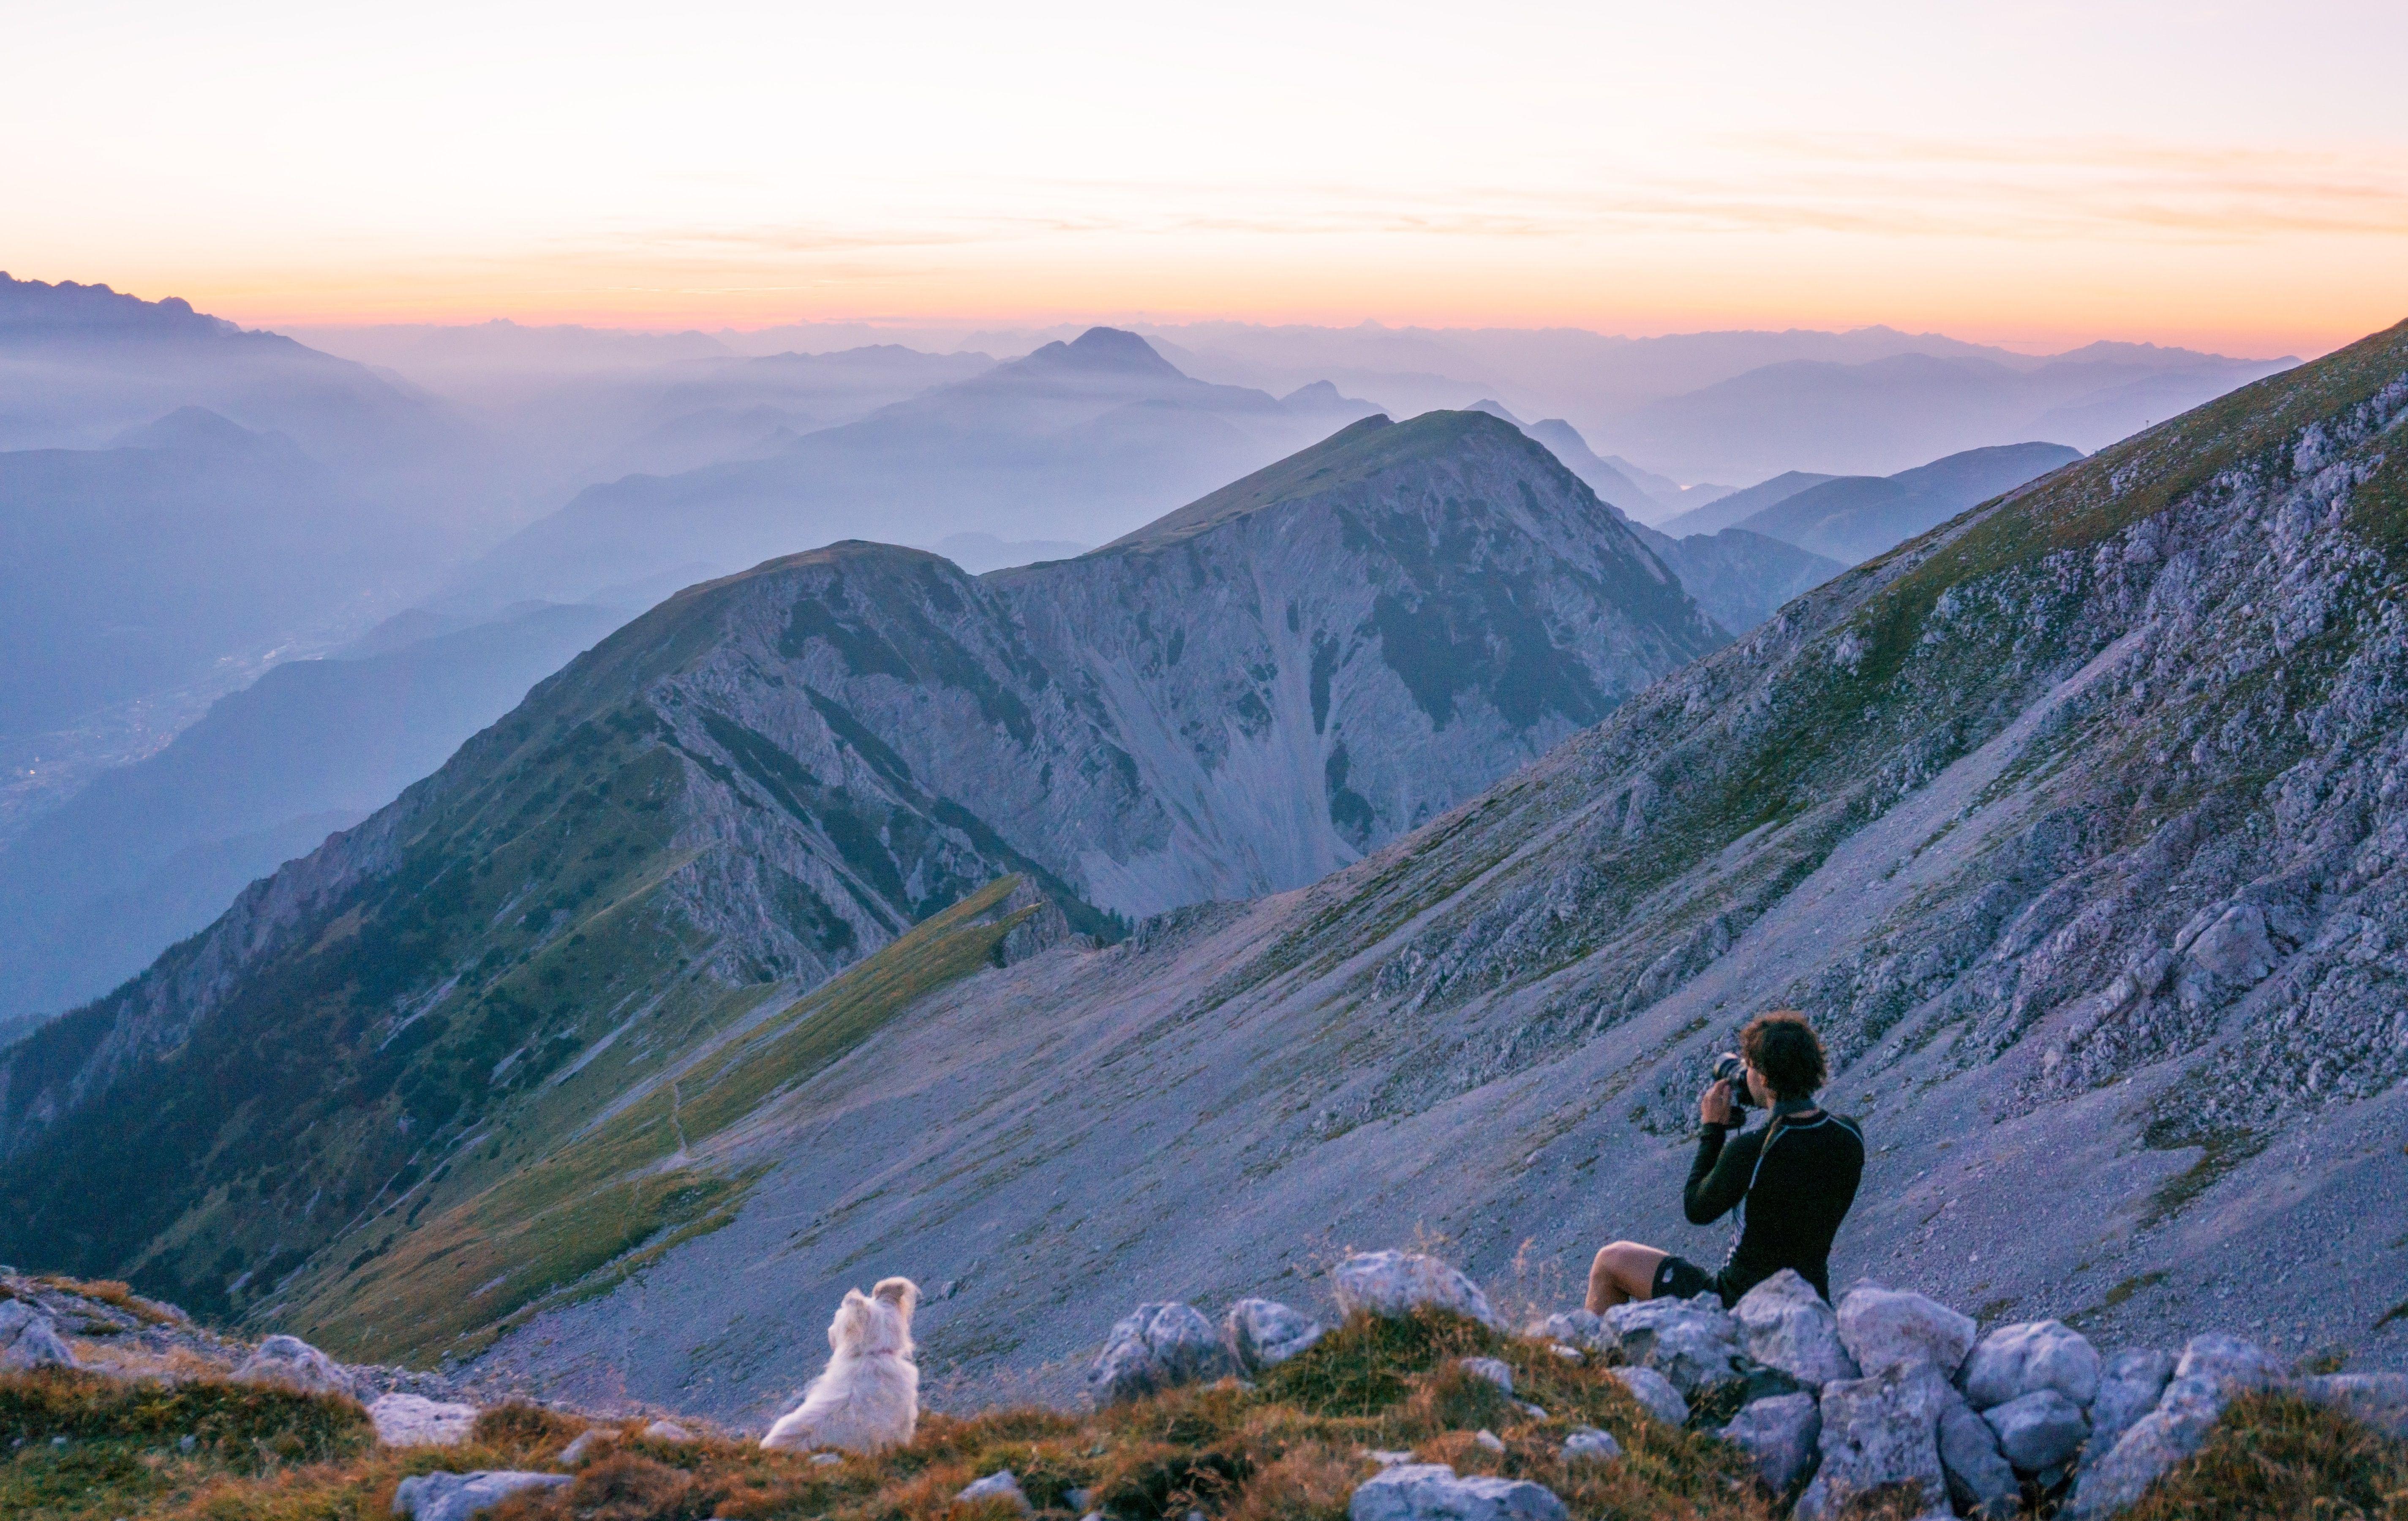 15 načinov, kako zmanjšati sledi v naravi